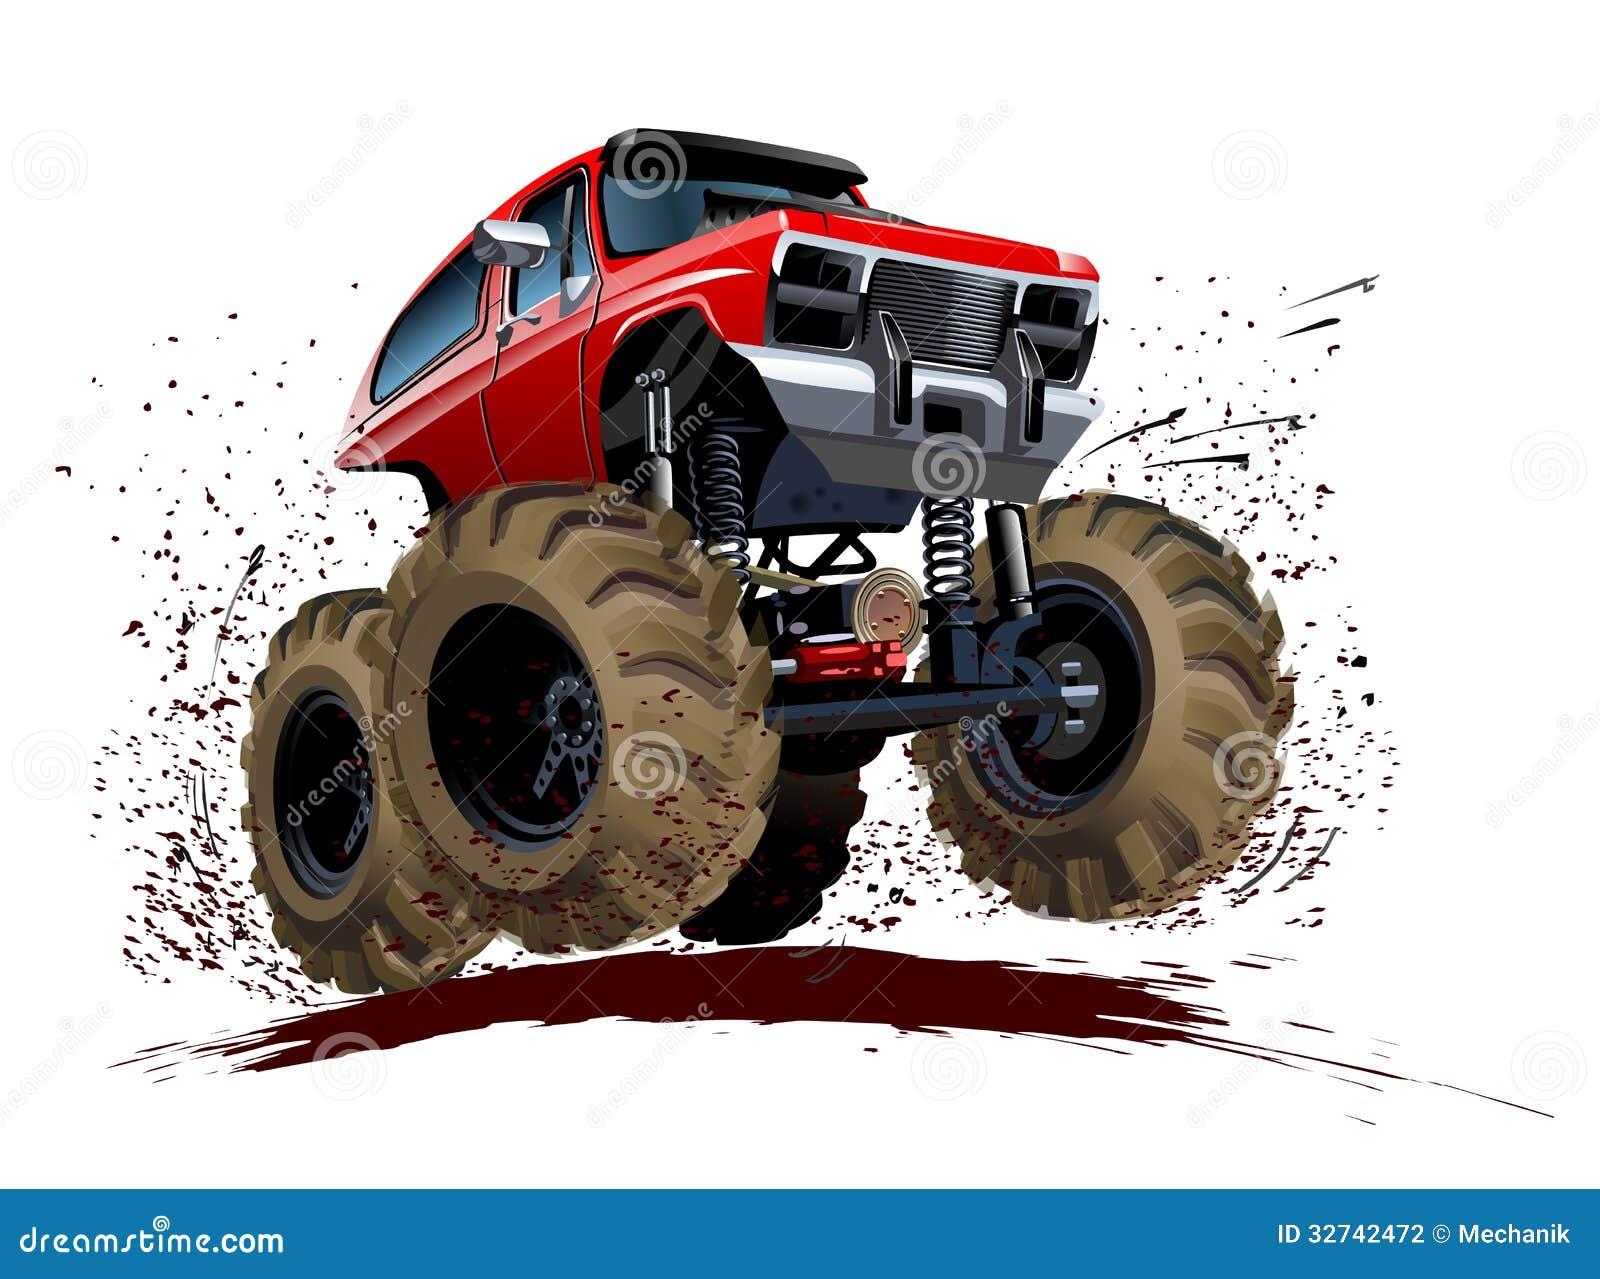 Muddy Tractor Clip Art : Cartoon monster truck stock vector illustration of diesel